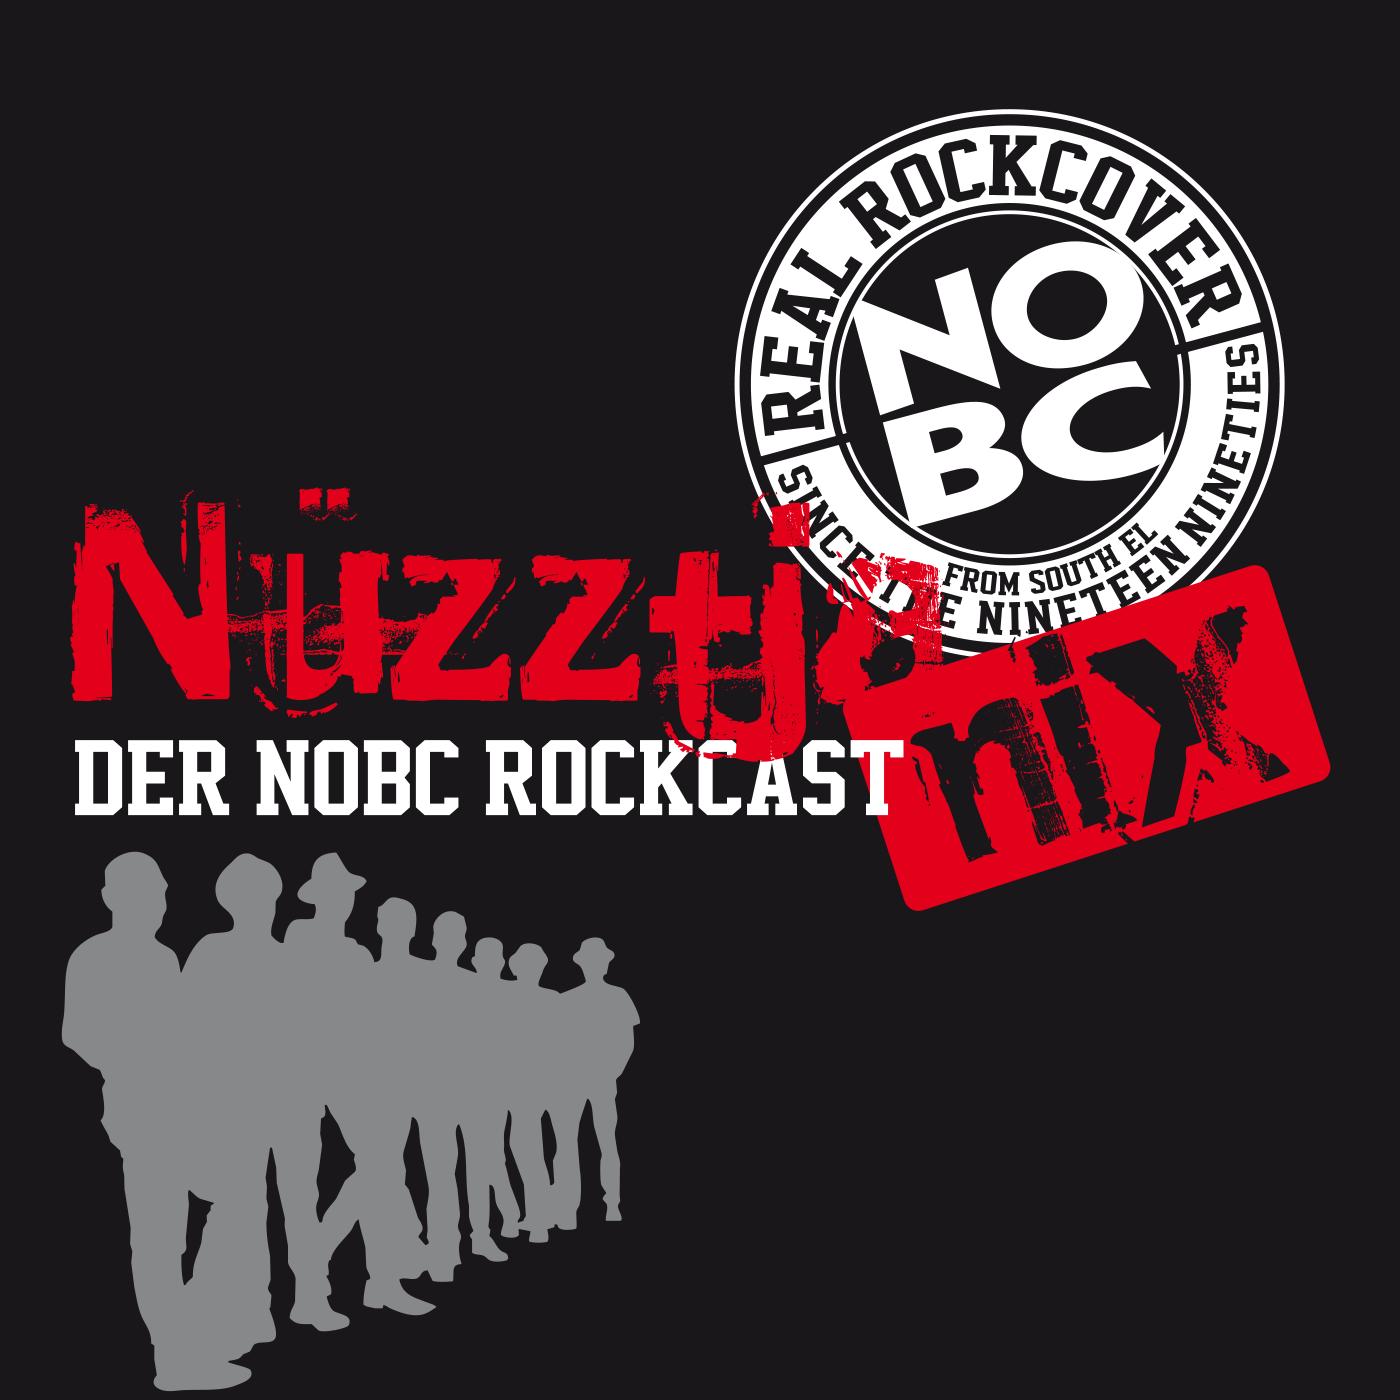 Nüzztjanix - Der NOBC Rockcast